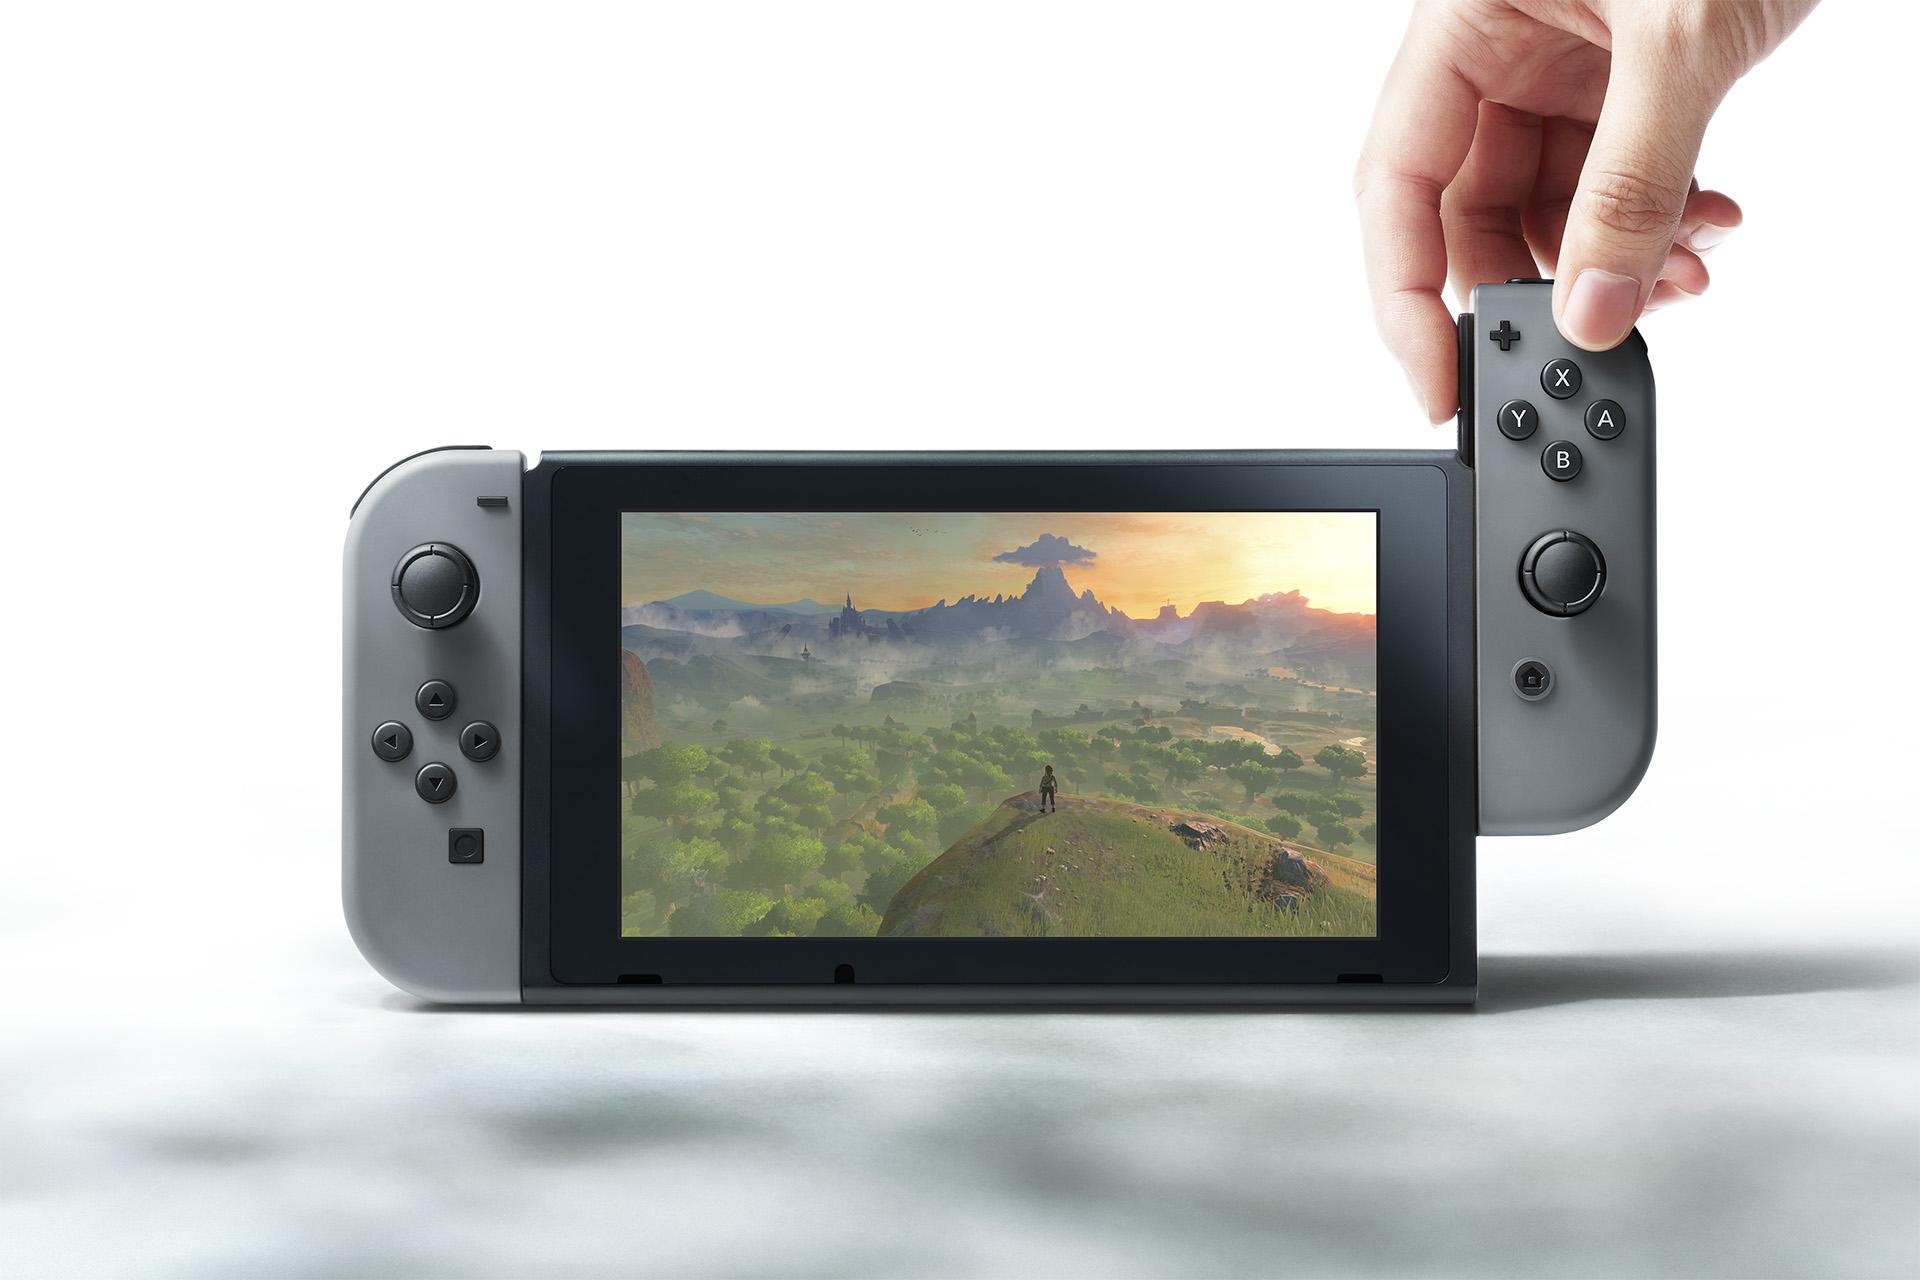 http://gsoul.wpengine.netdna-cdn.com/wp-content/uploads/2016/10/Nintendo-Switch-4.jpg